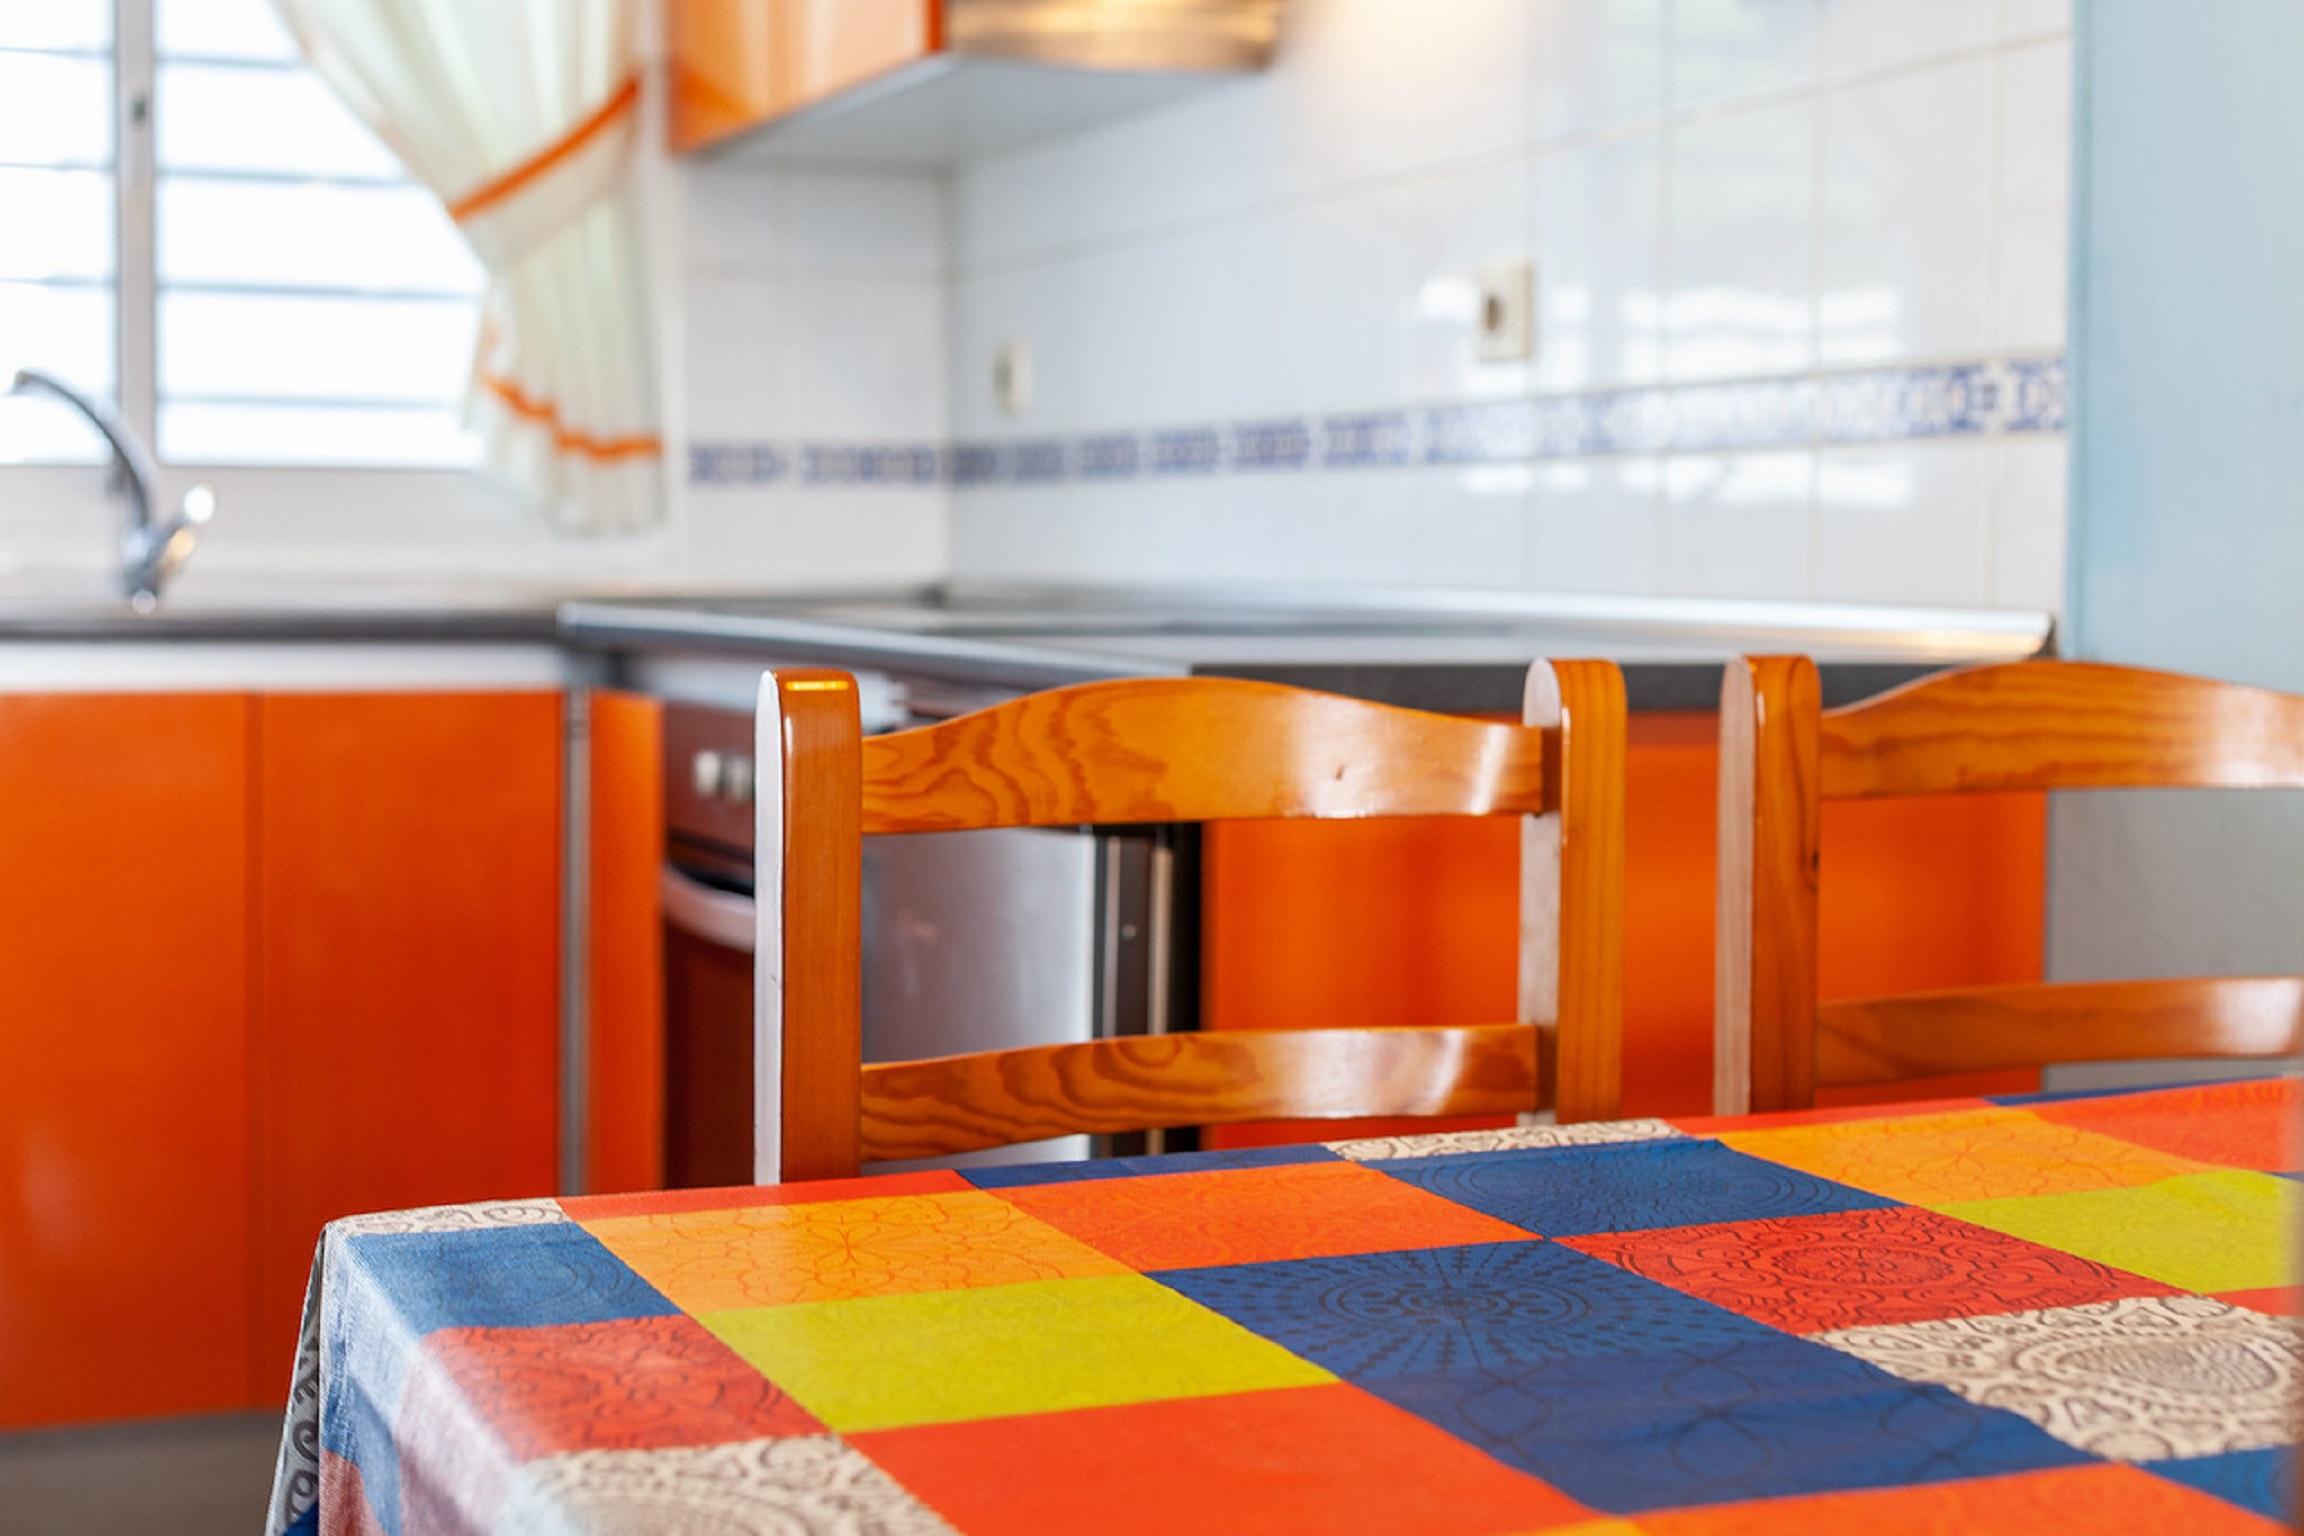 Ferienwohnung Apartment in Strandnhe mit groer Terrasse, Wlan und Parkplatz (2628896), Costa Calma, Fuerteventura, Kanarische Inseln, Spanien, Bild 11